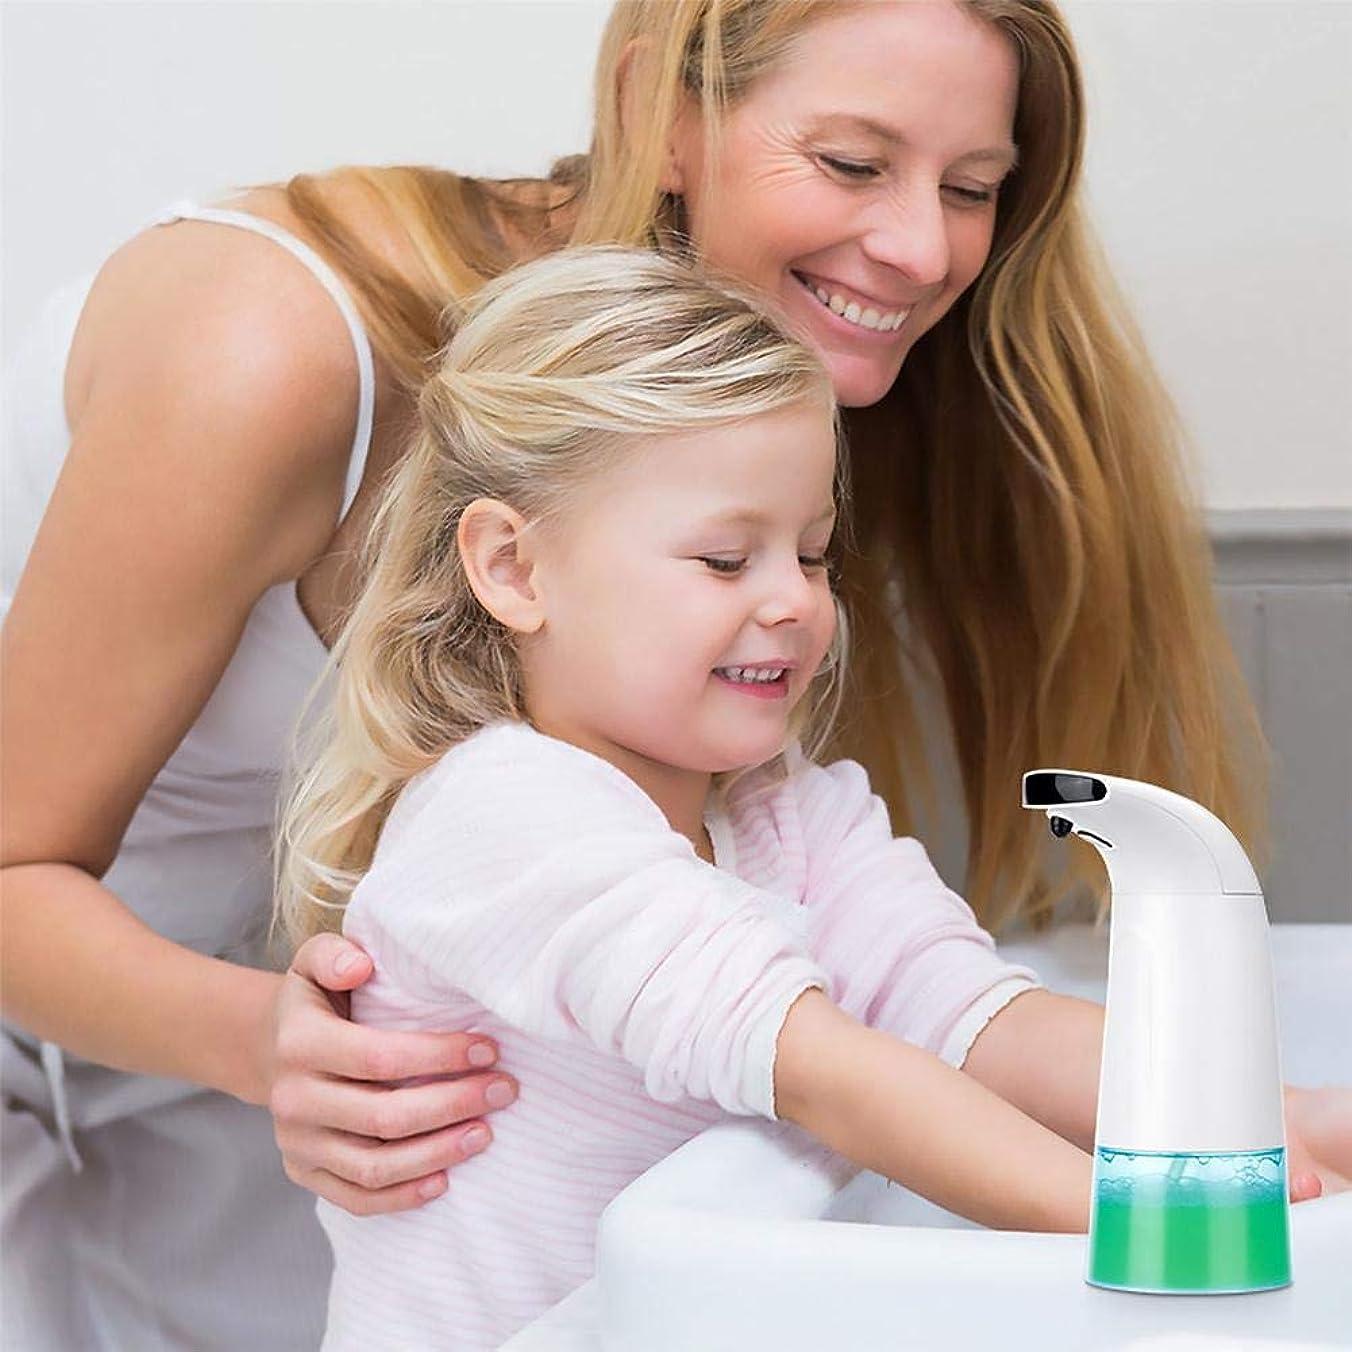 収束慢どうやらミューズ ノータッチスマート赤外線センシング自動泡ハンドソープ 殺菌 消毒 漏れ防止設計 キッチントイレ用